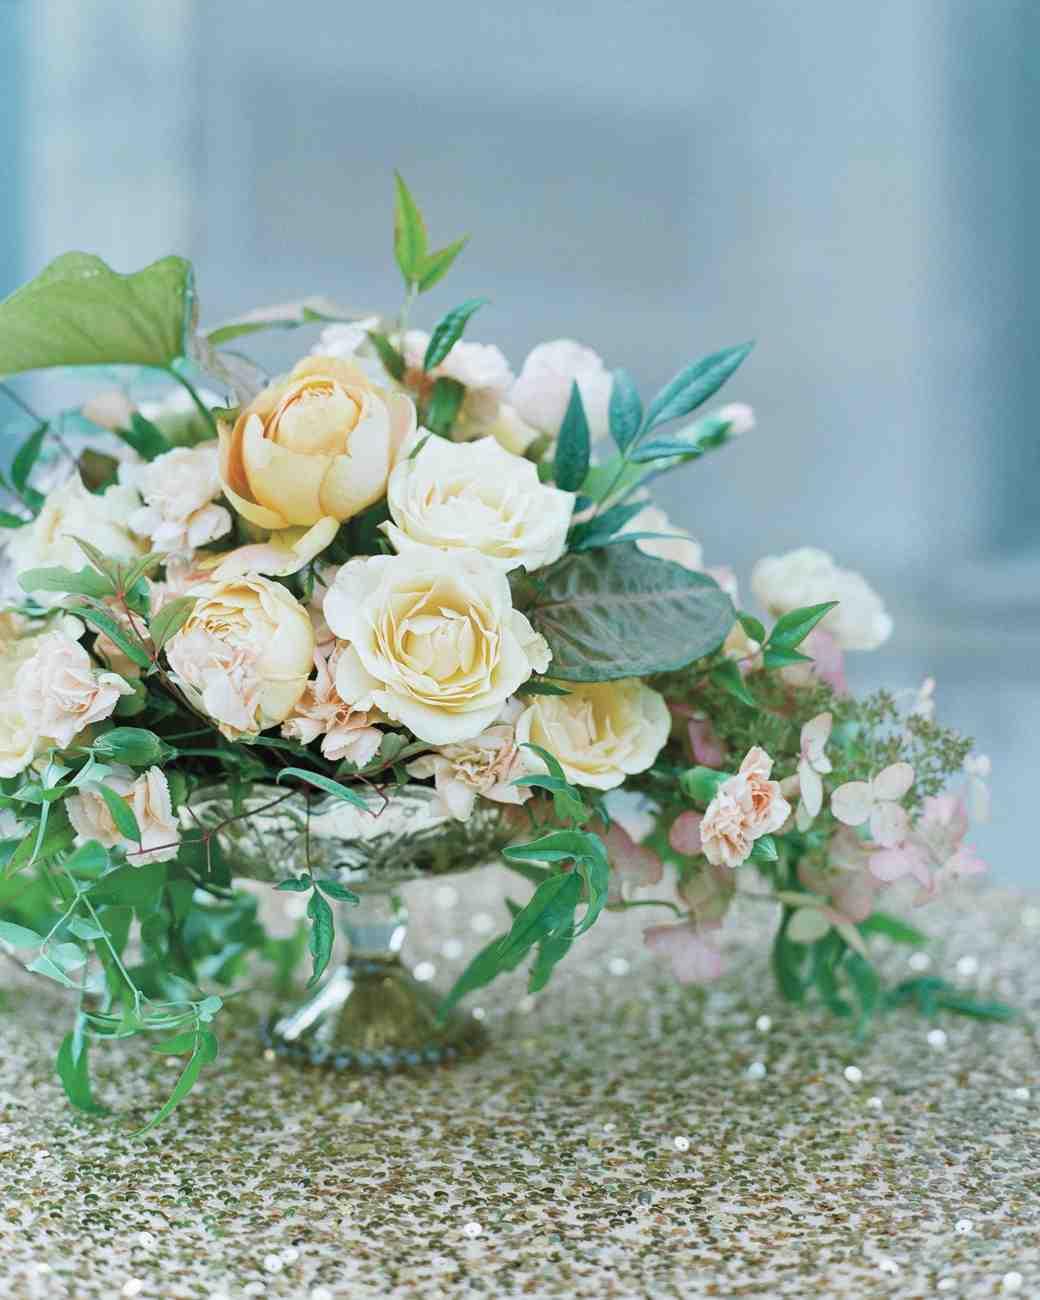 adrienne-jason-real-wedding-floral-centerpieces.jpg